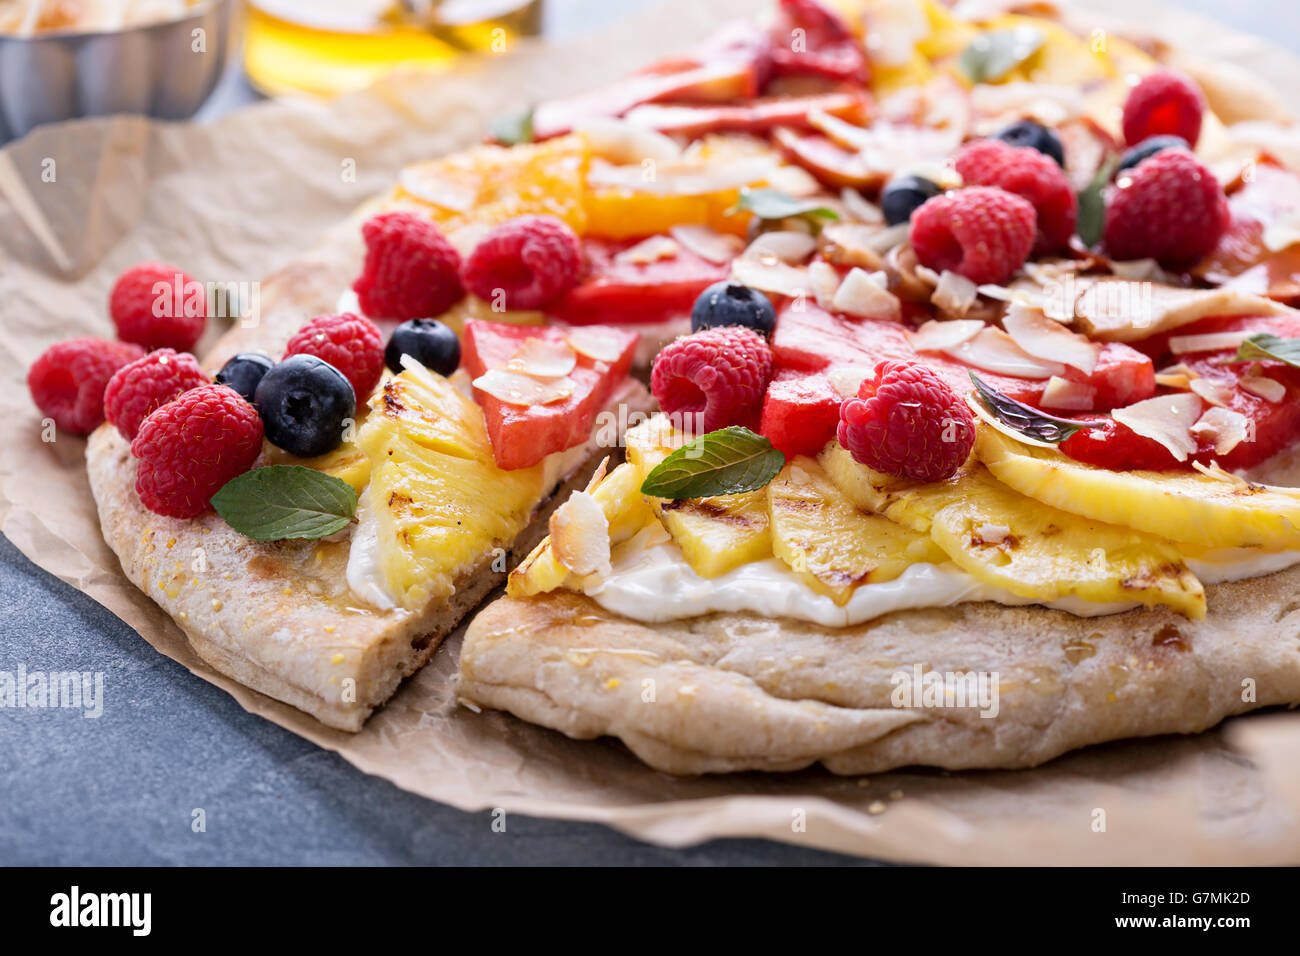 Pizza fruits grillés au miel Photo Stock